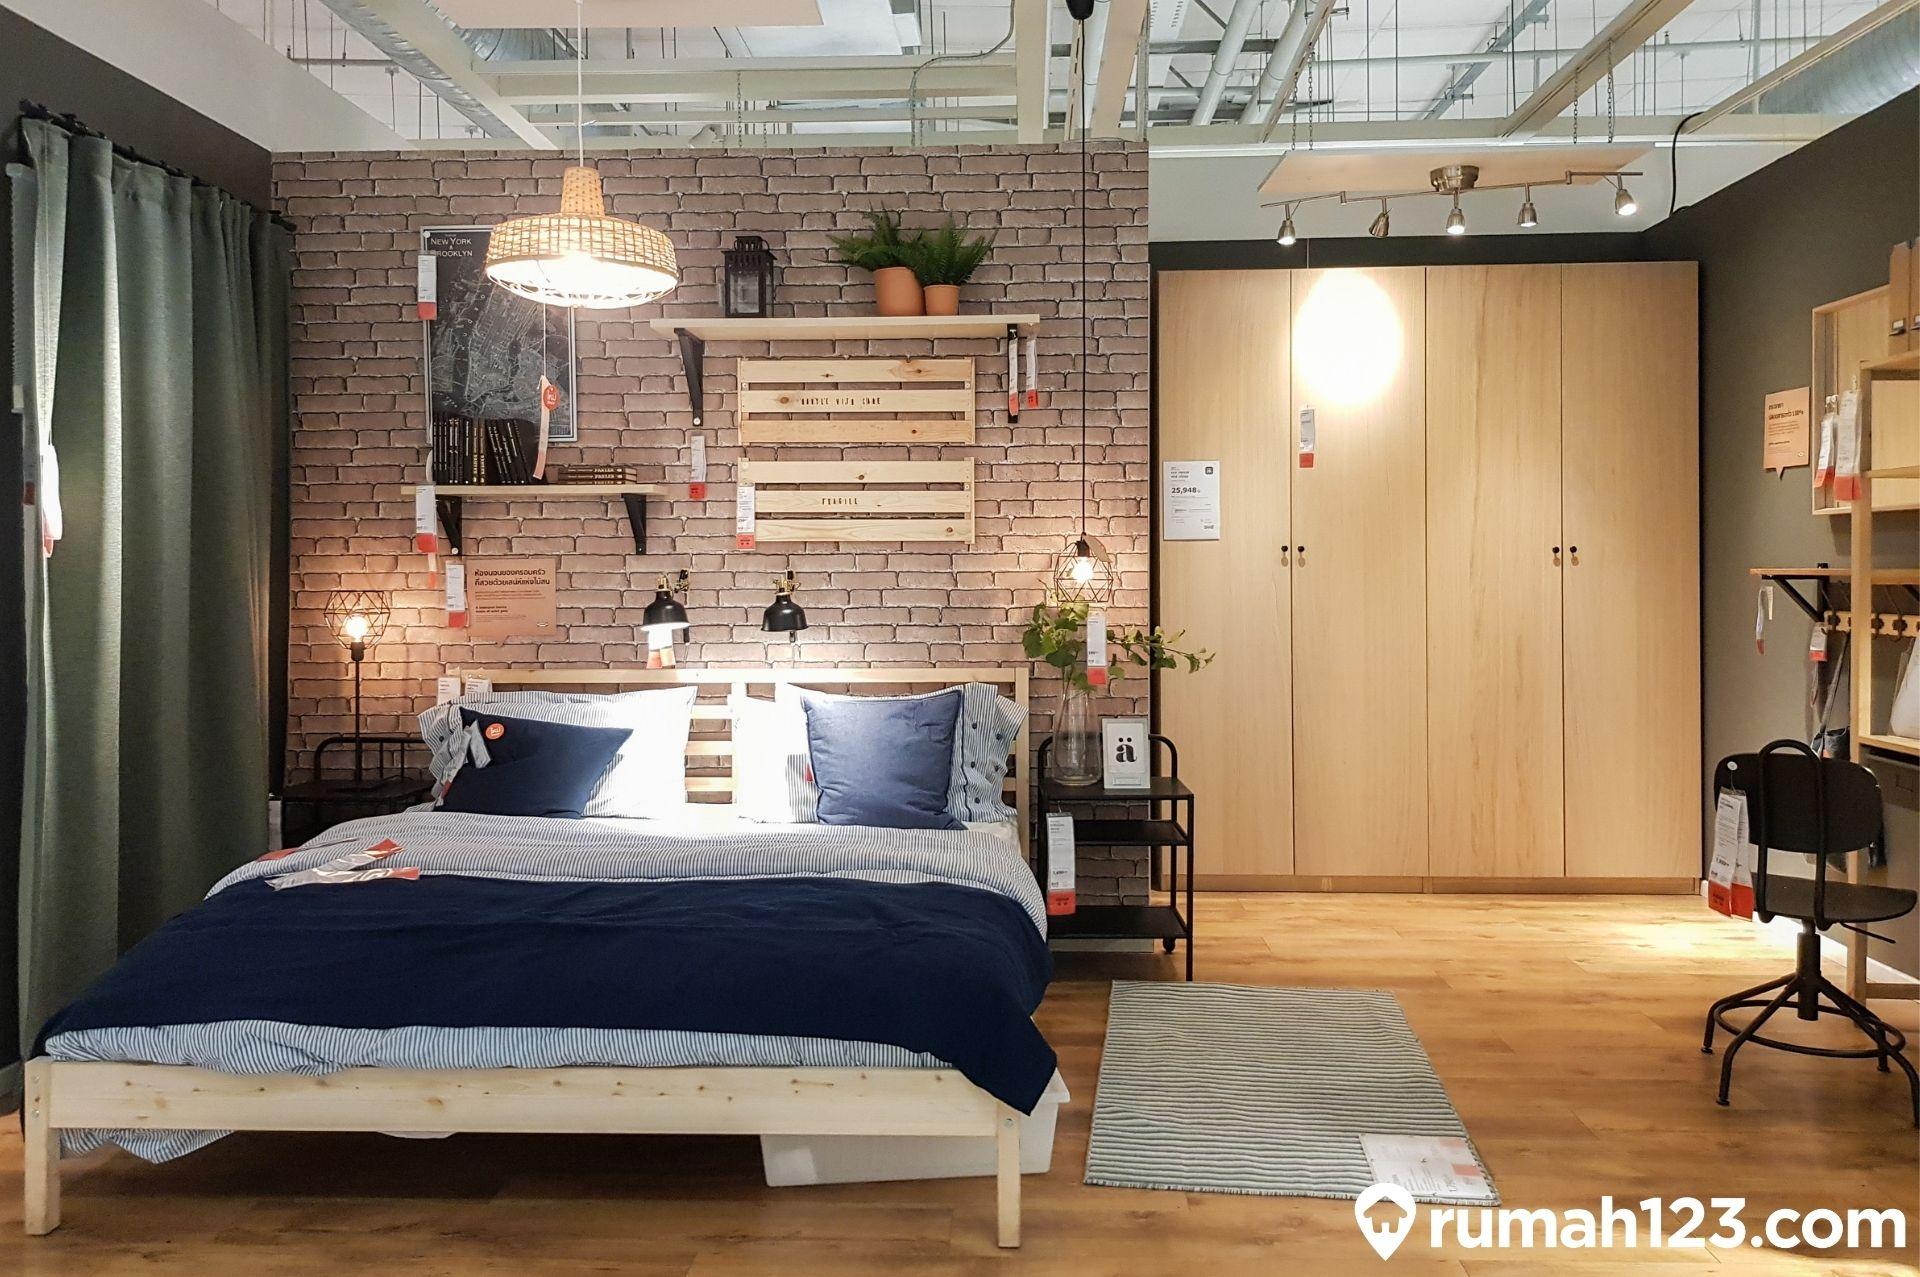 8 Rekomendasi Lemari IKEA Terbaik yang Cocok untuk Rumah Kecil